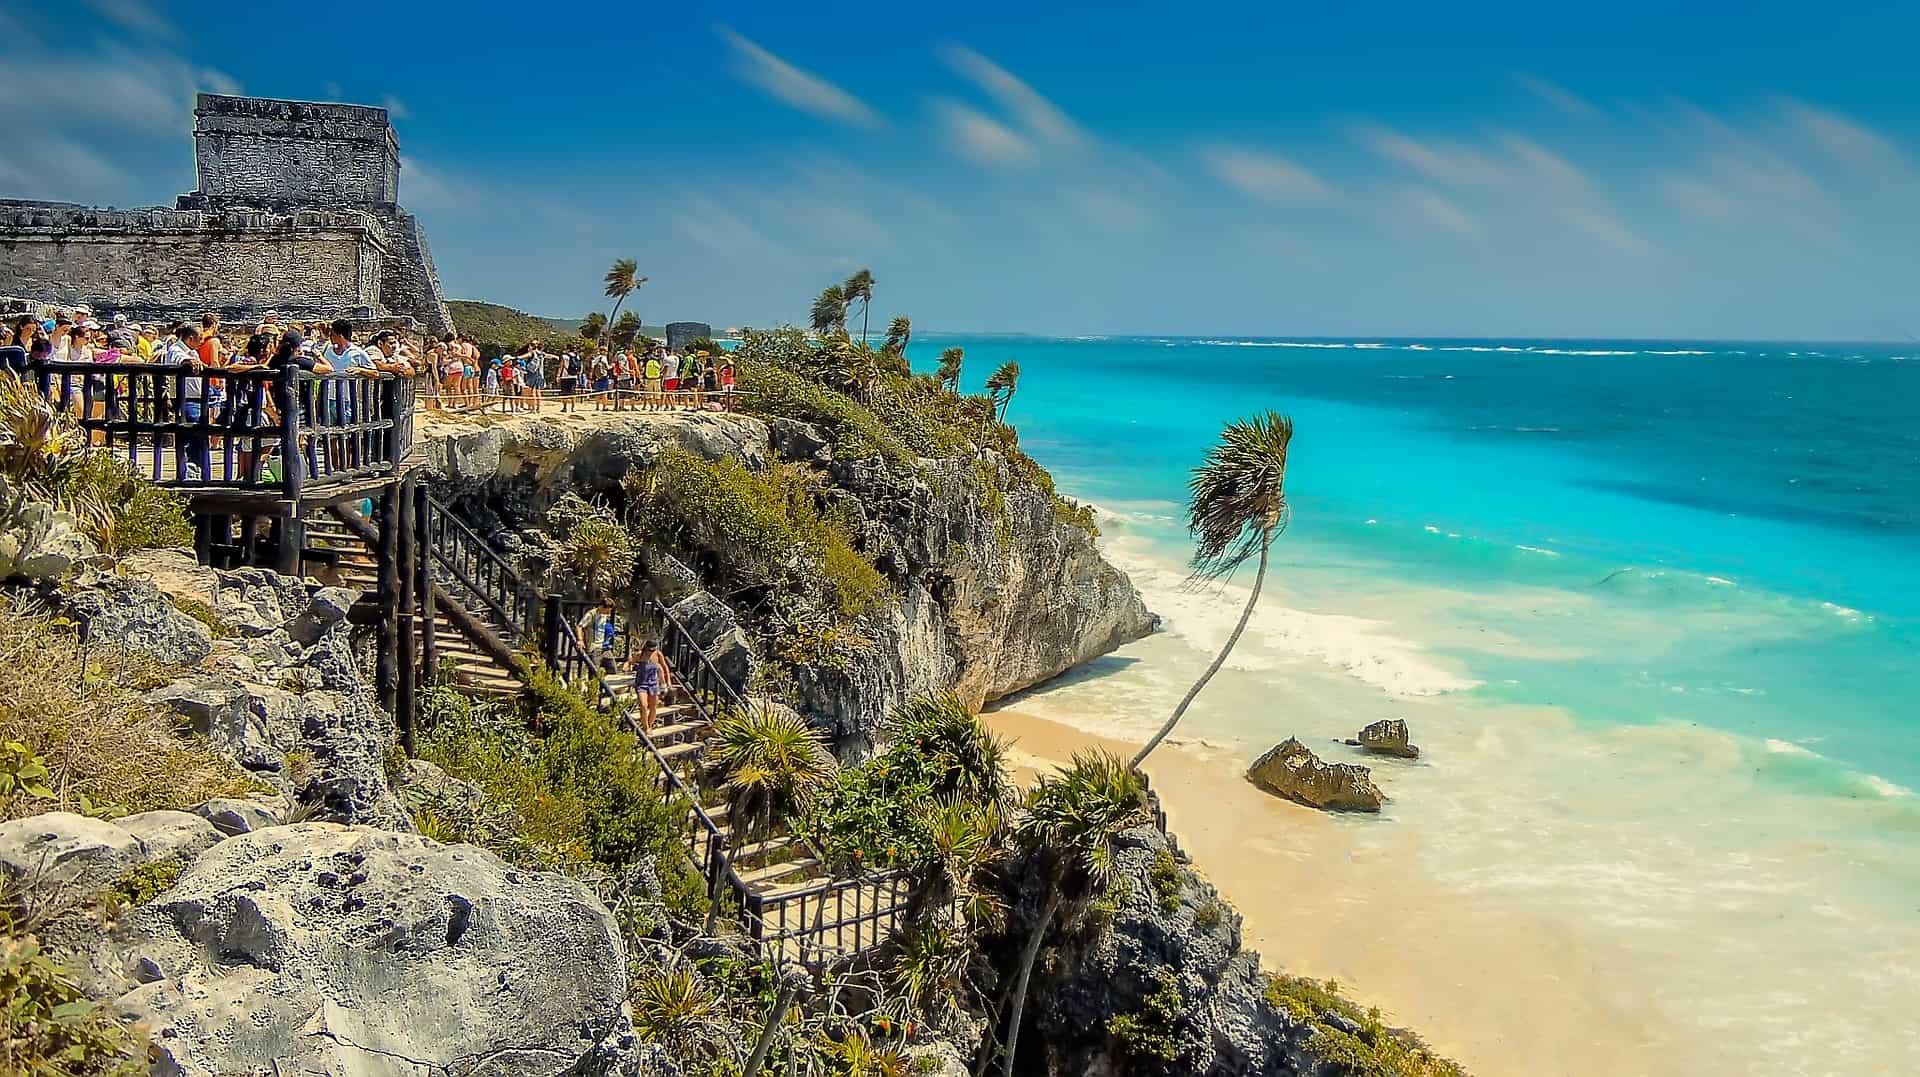 Mexiko Urlaub ab 564,94€ eine Woche Pauschal Deal